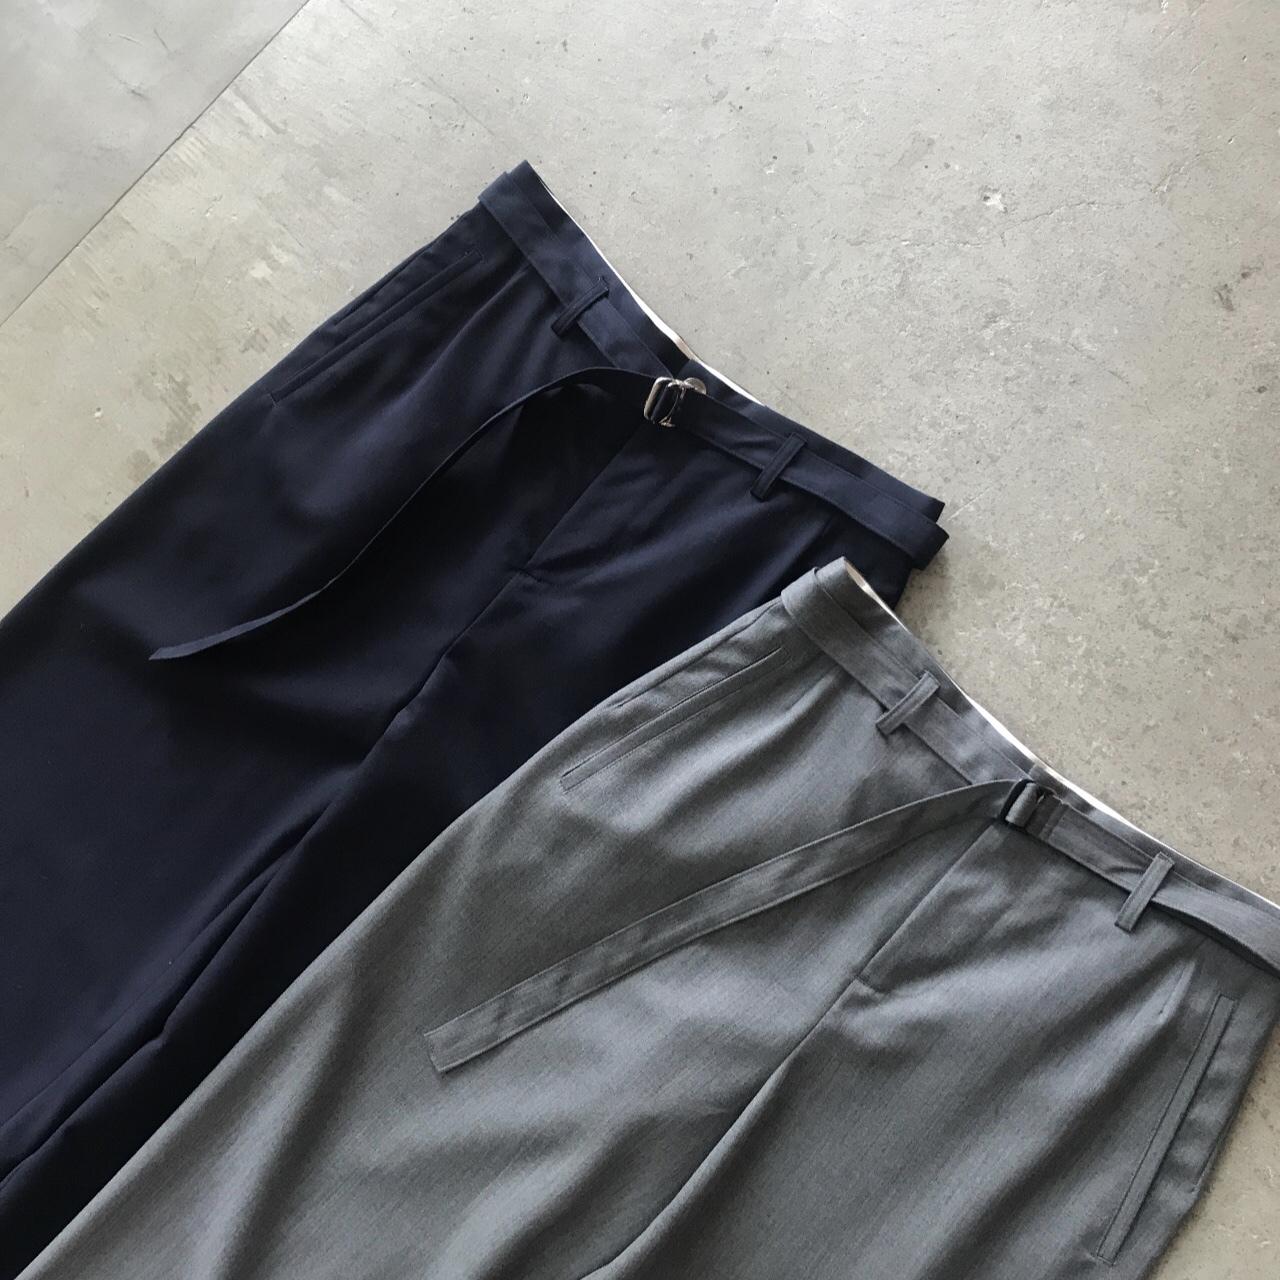 DIGAWEL - BELT WIDE PANTS